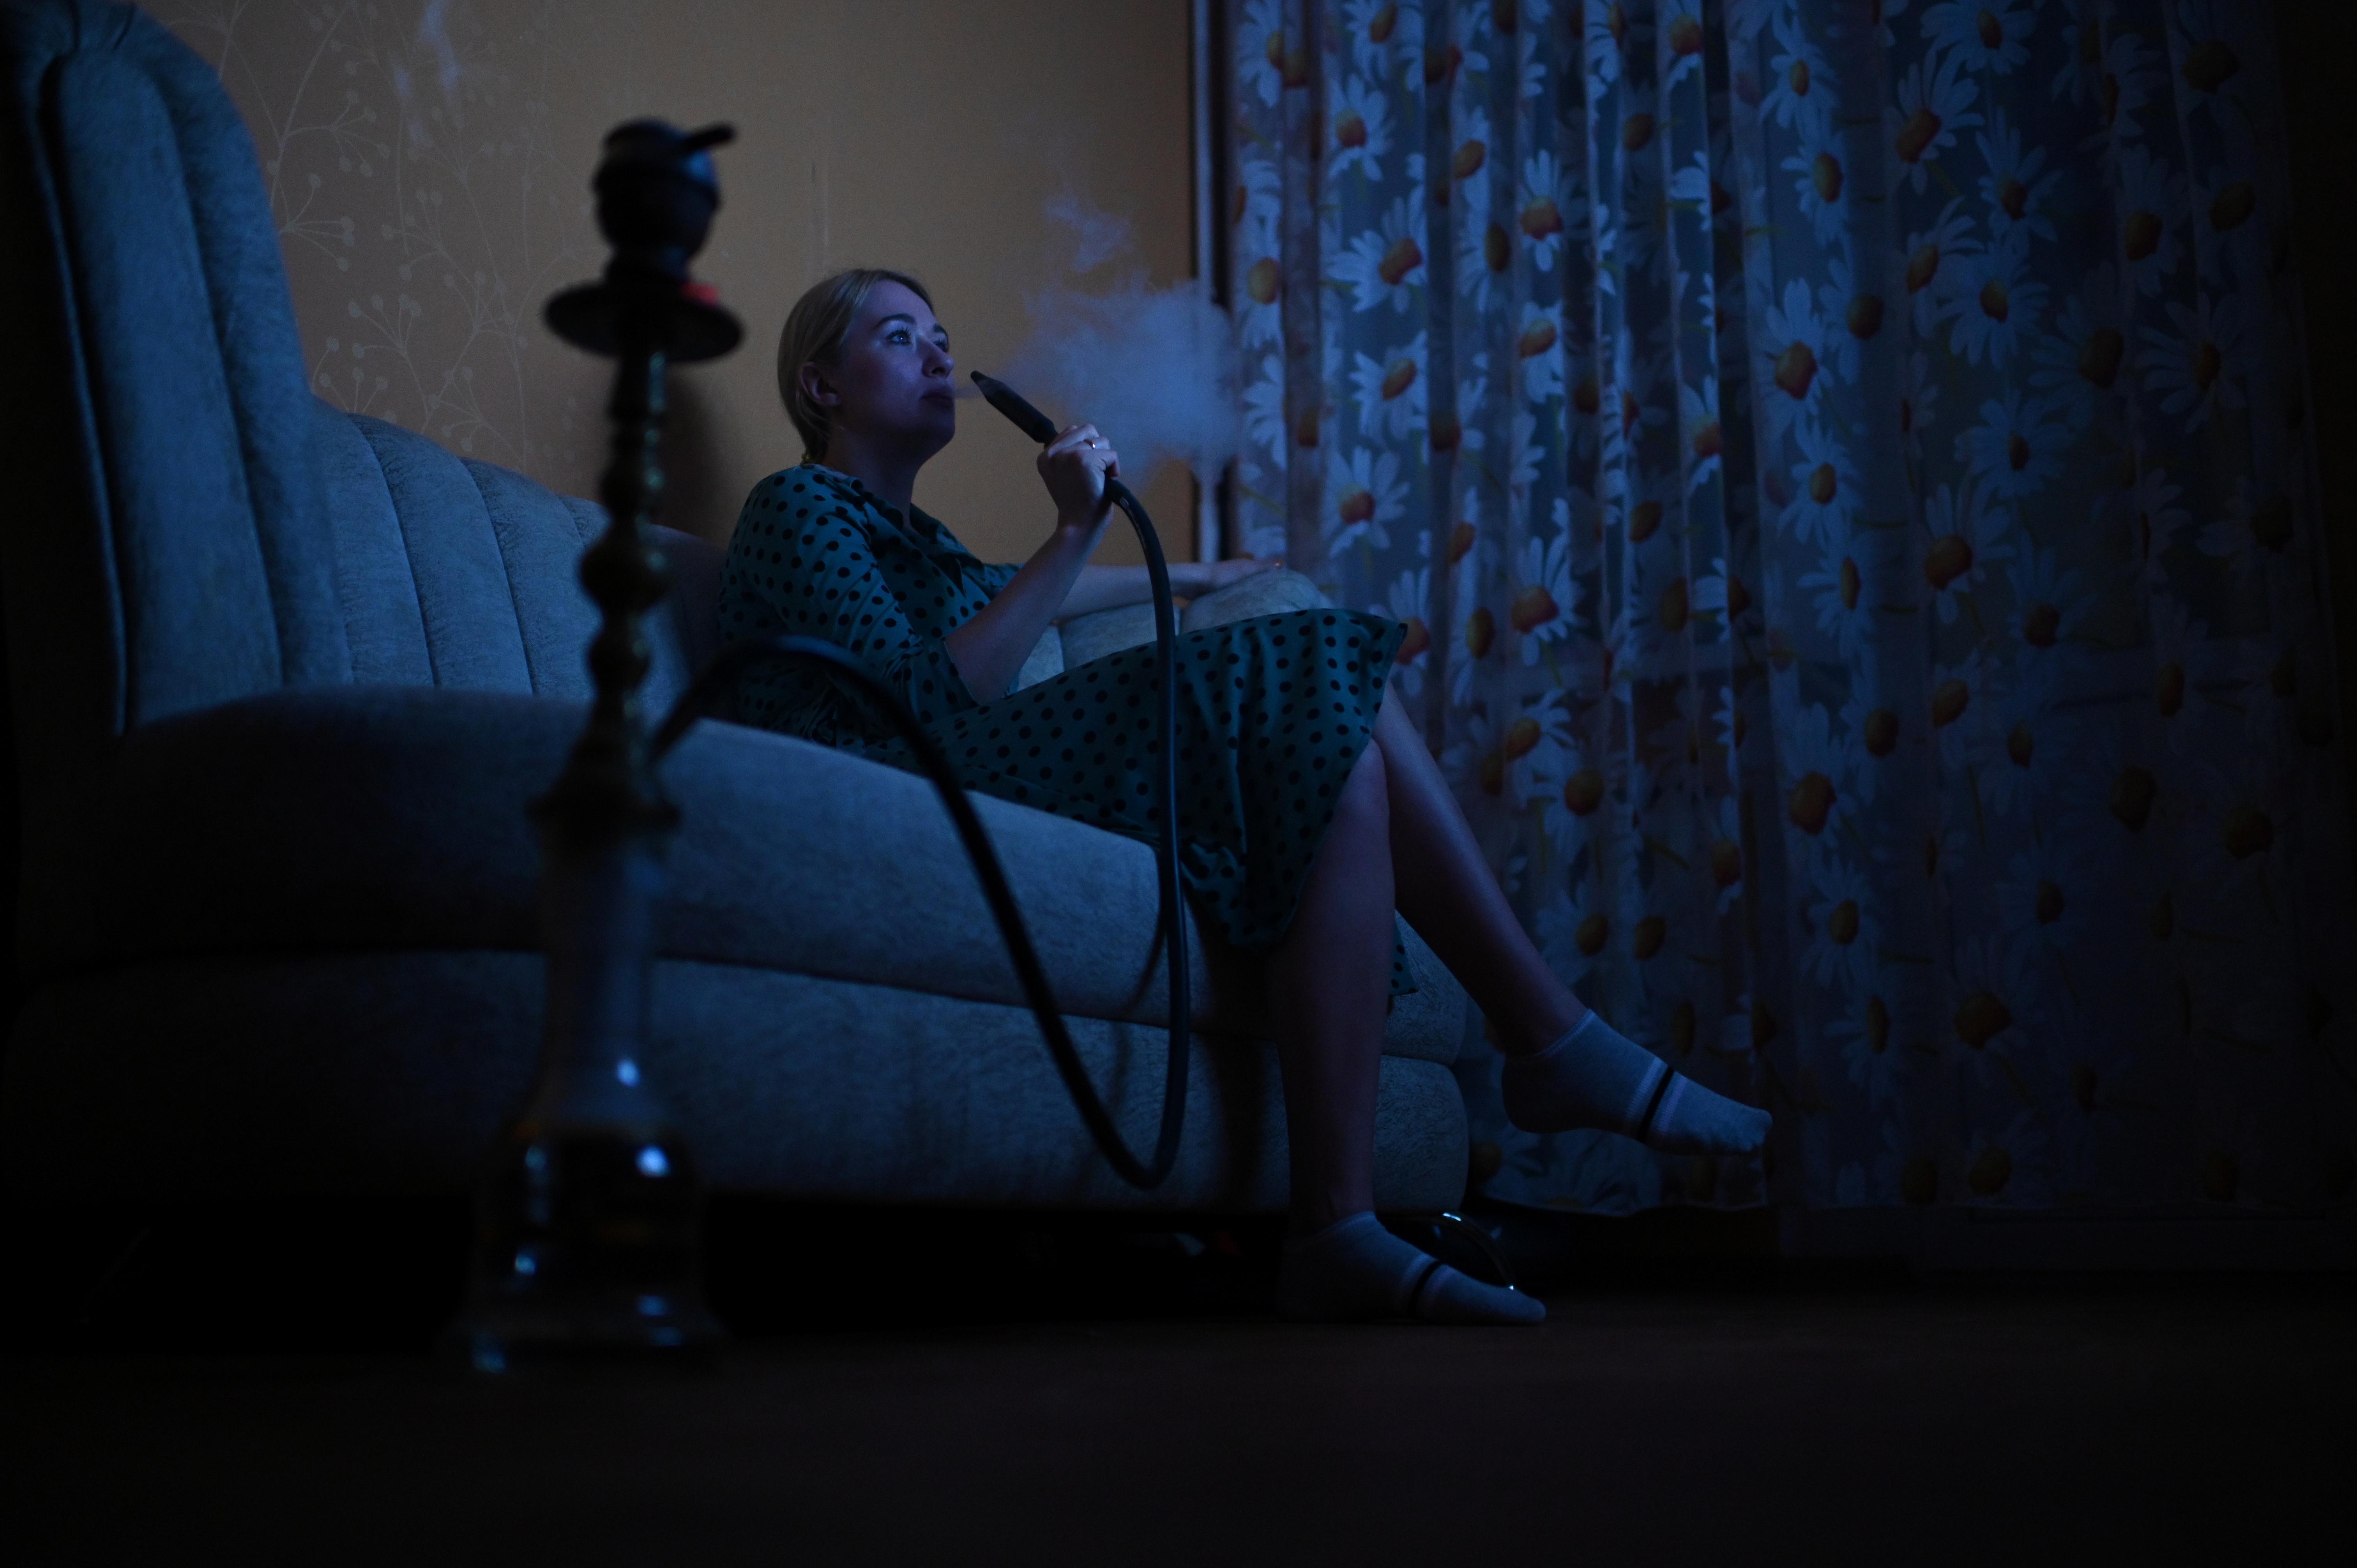 В России запретили курить кальяны, вейпы и «Айкос» в кафе